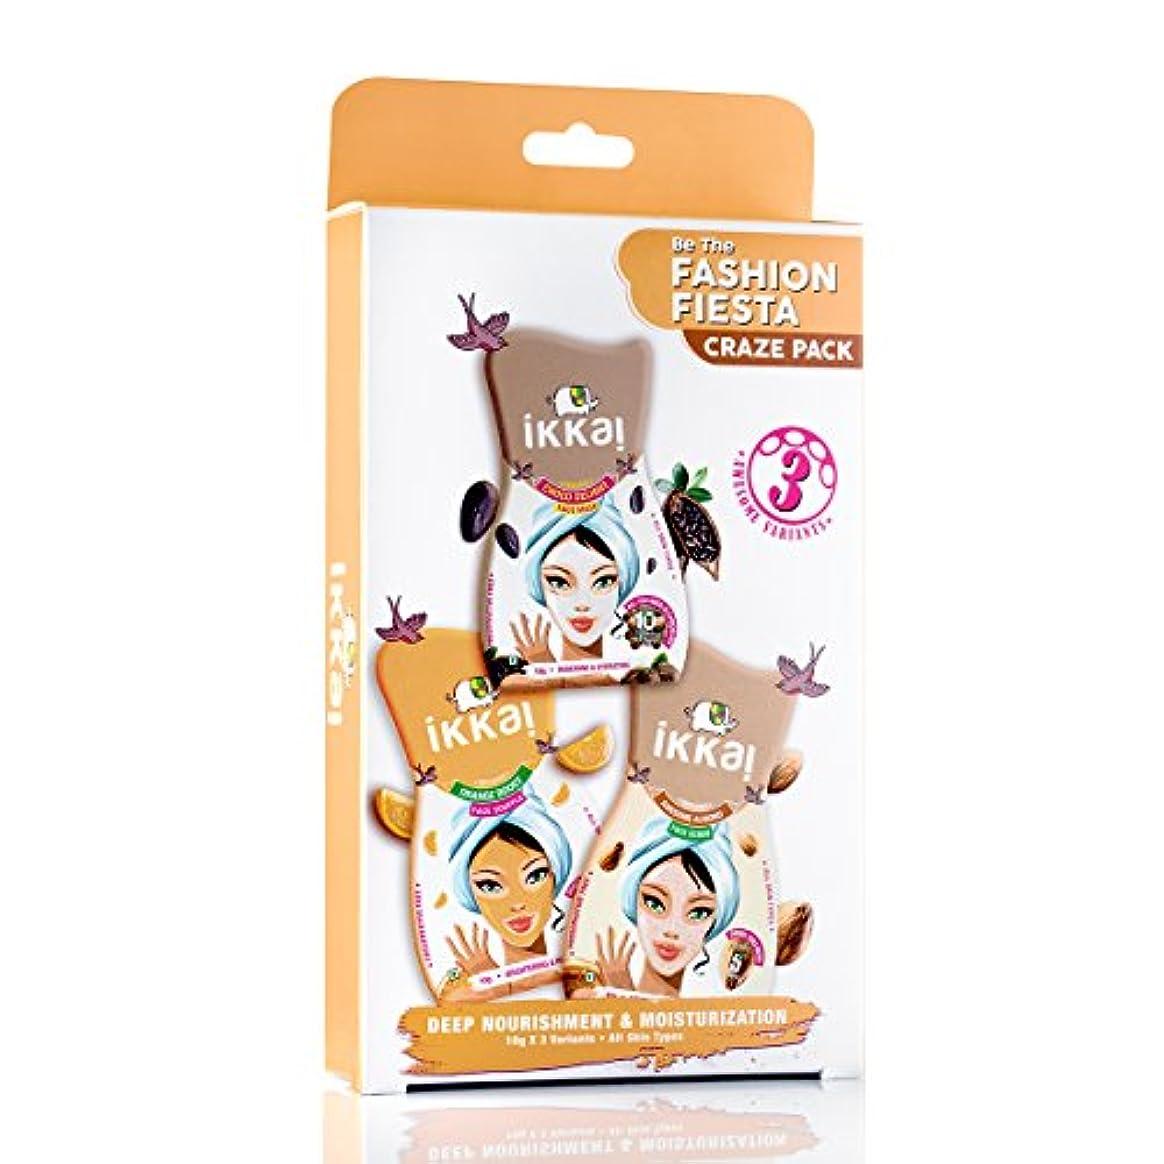 バングラデシュオーストラリアシロナガスクジラIkkai by Lotus Herbals Fashion Fiesta Craze Pack (1 Face Mask, 1 Face Scrub and 1 Face Souffle)